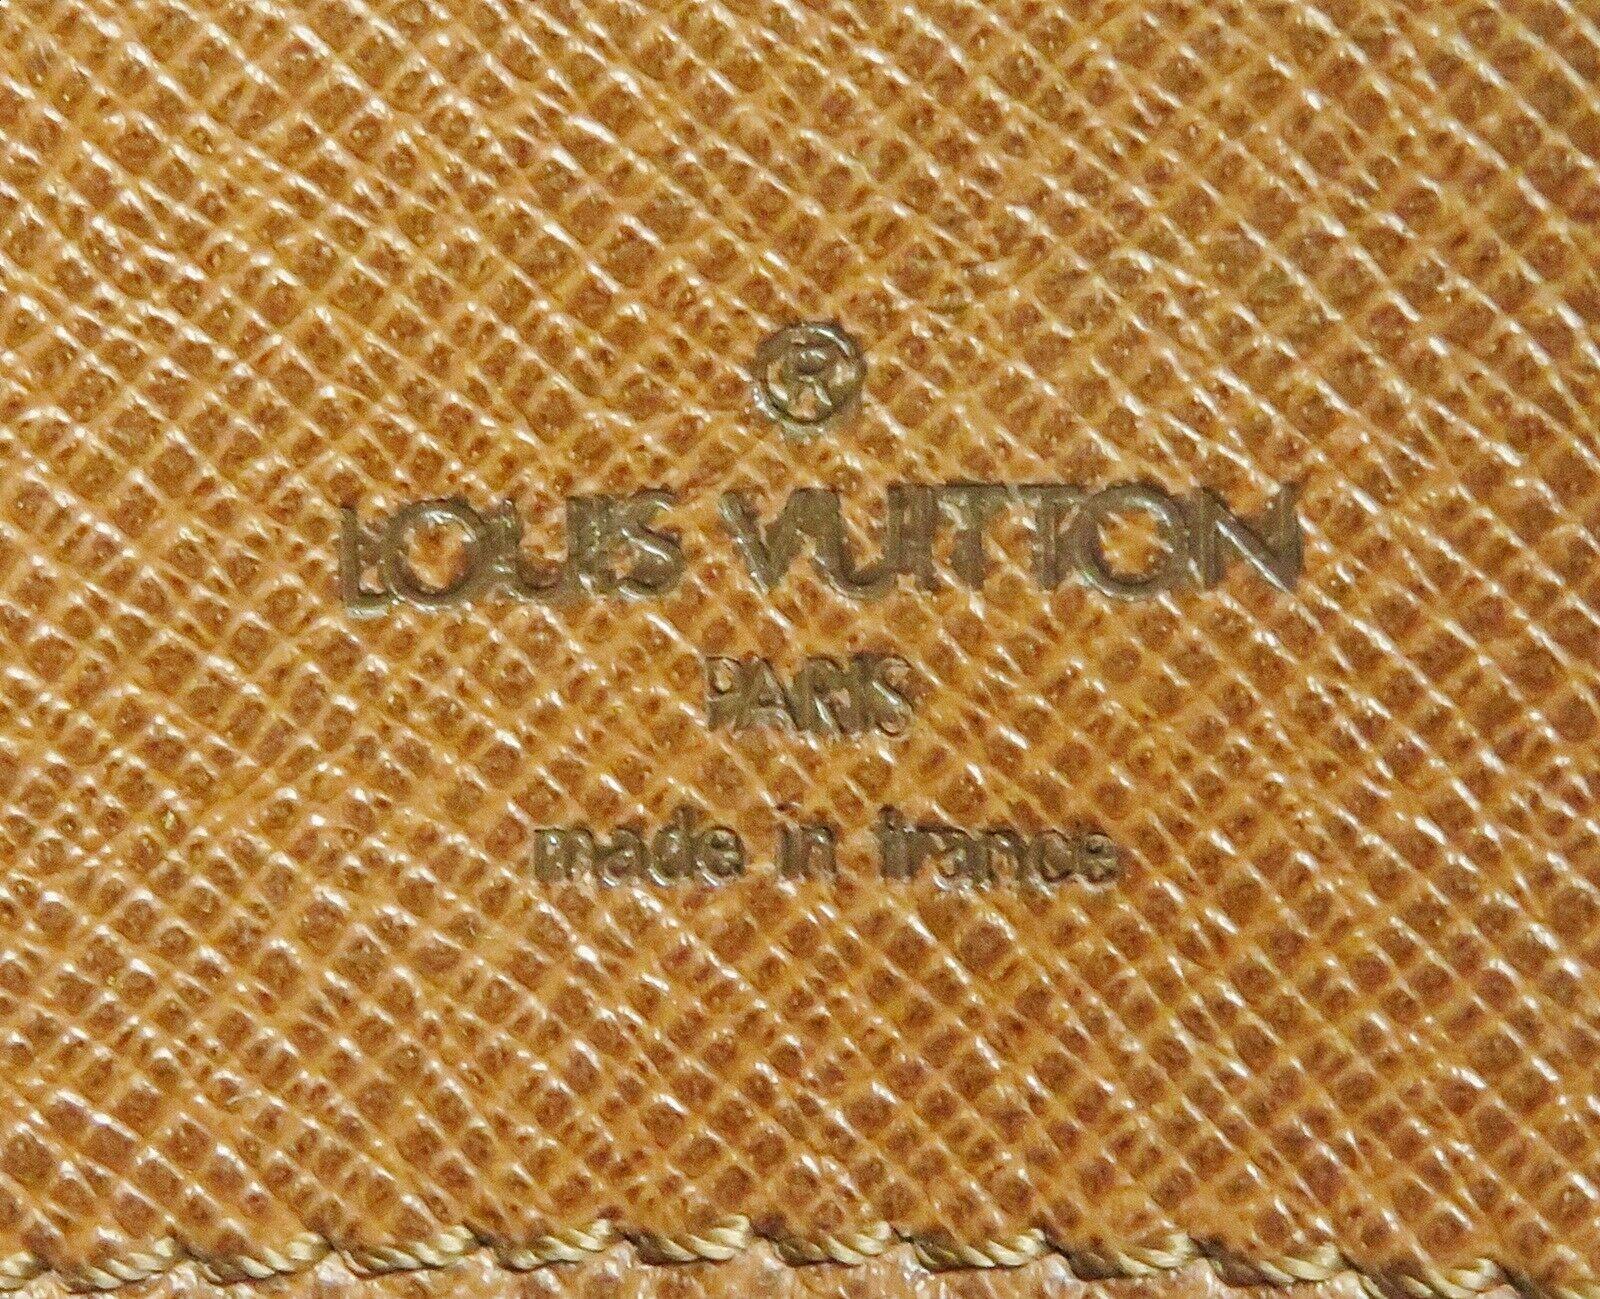 Authentic LOUIS VUITTON Boulogne 35 Monogram Shoulder Bag Purse #33022